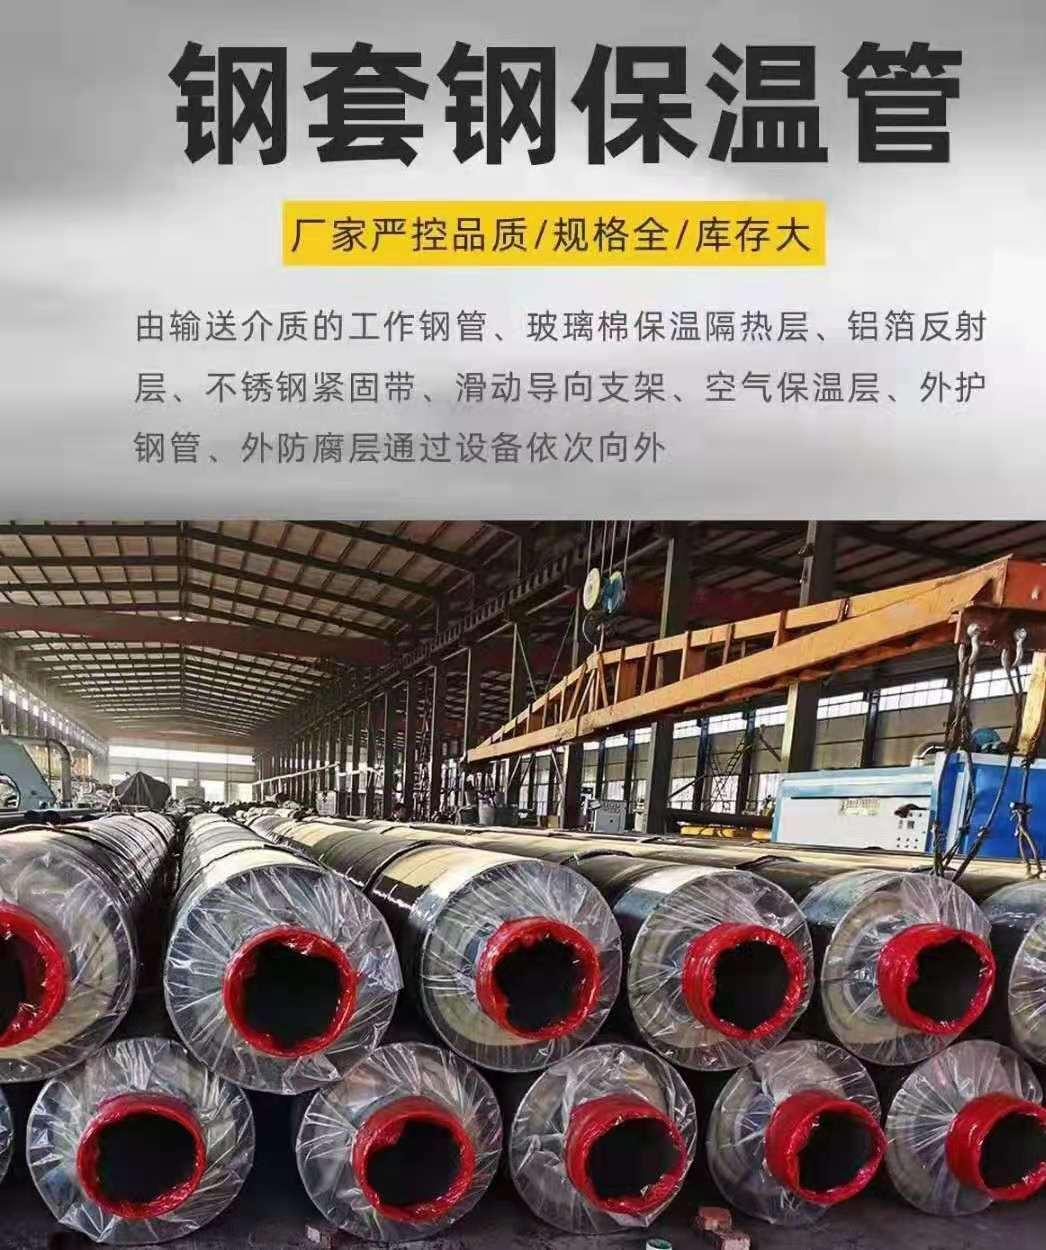 宁夏回族自治区银川市镀锌钢管发泡保温管找哪家新2021